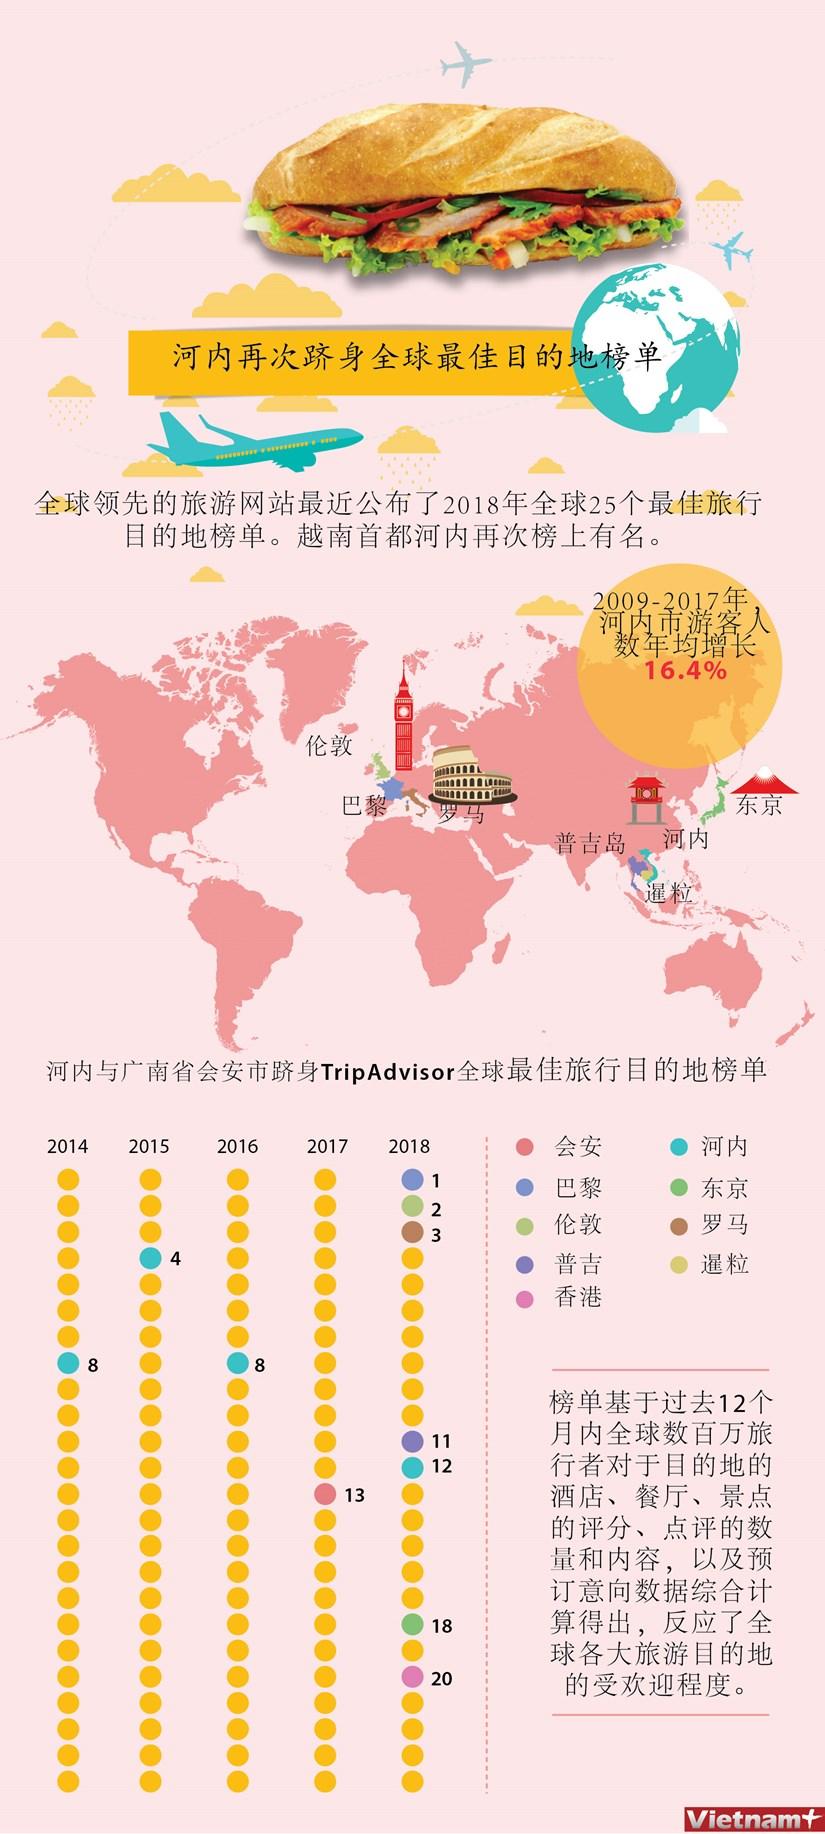 图表新闻:河内再次跻身全球最佳目的地榜单 hinh anh 1